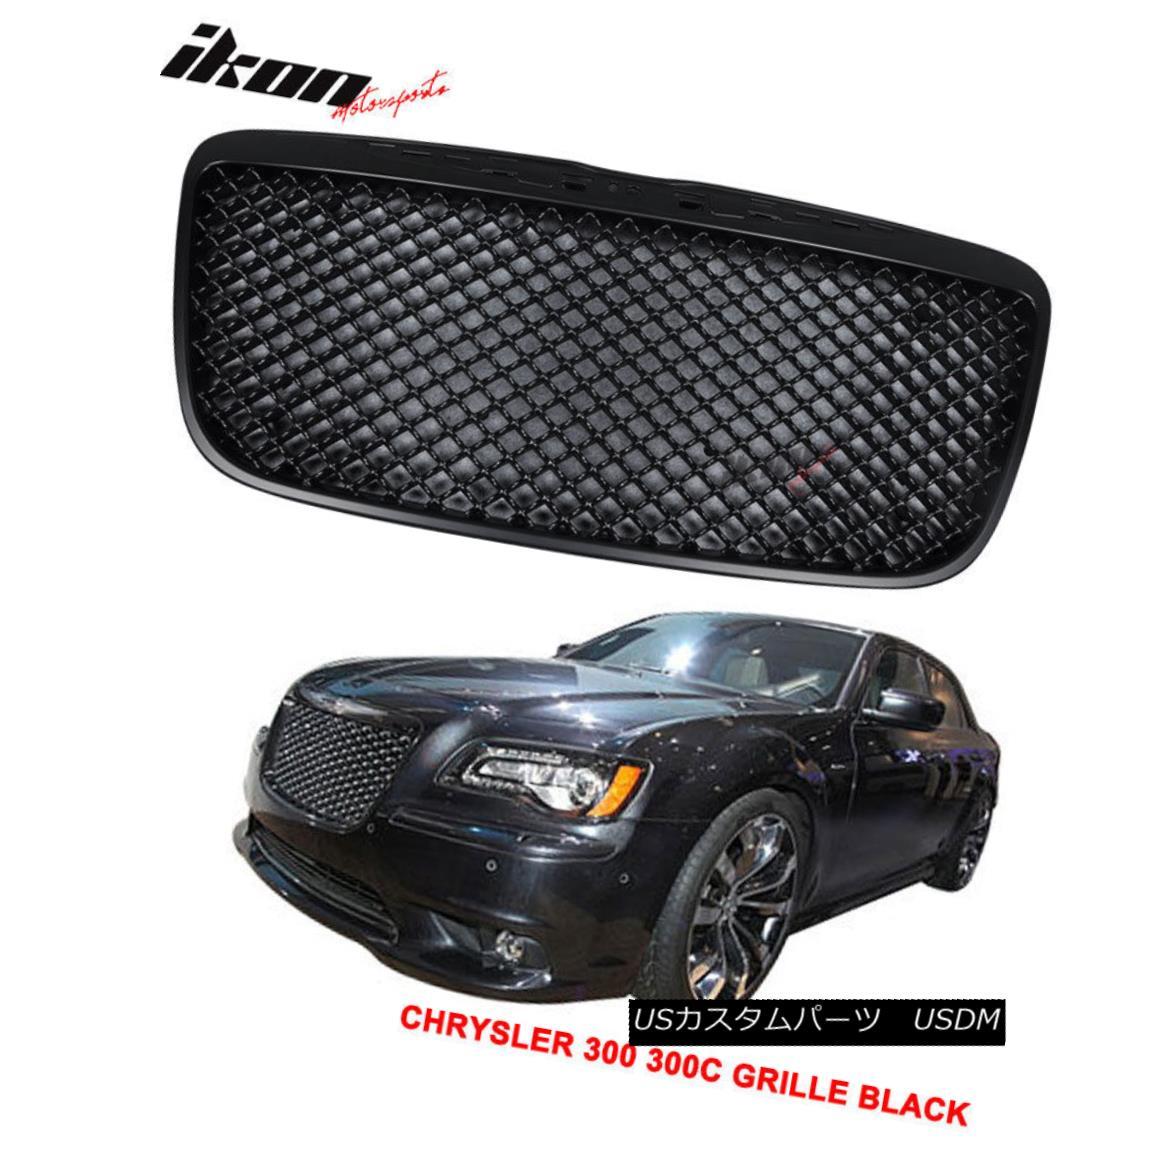 グリル Fit 11-14 Chrysler 300 300C B Style Mesh Style Front Grill Grille Black - ABS フィット11-14クライスラー300 300C Bスタイルメッシュスタイルフロントグリルグリルブラック - ABS